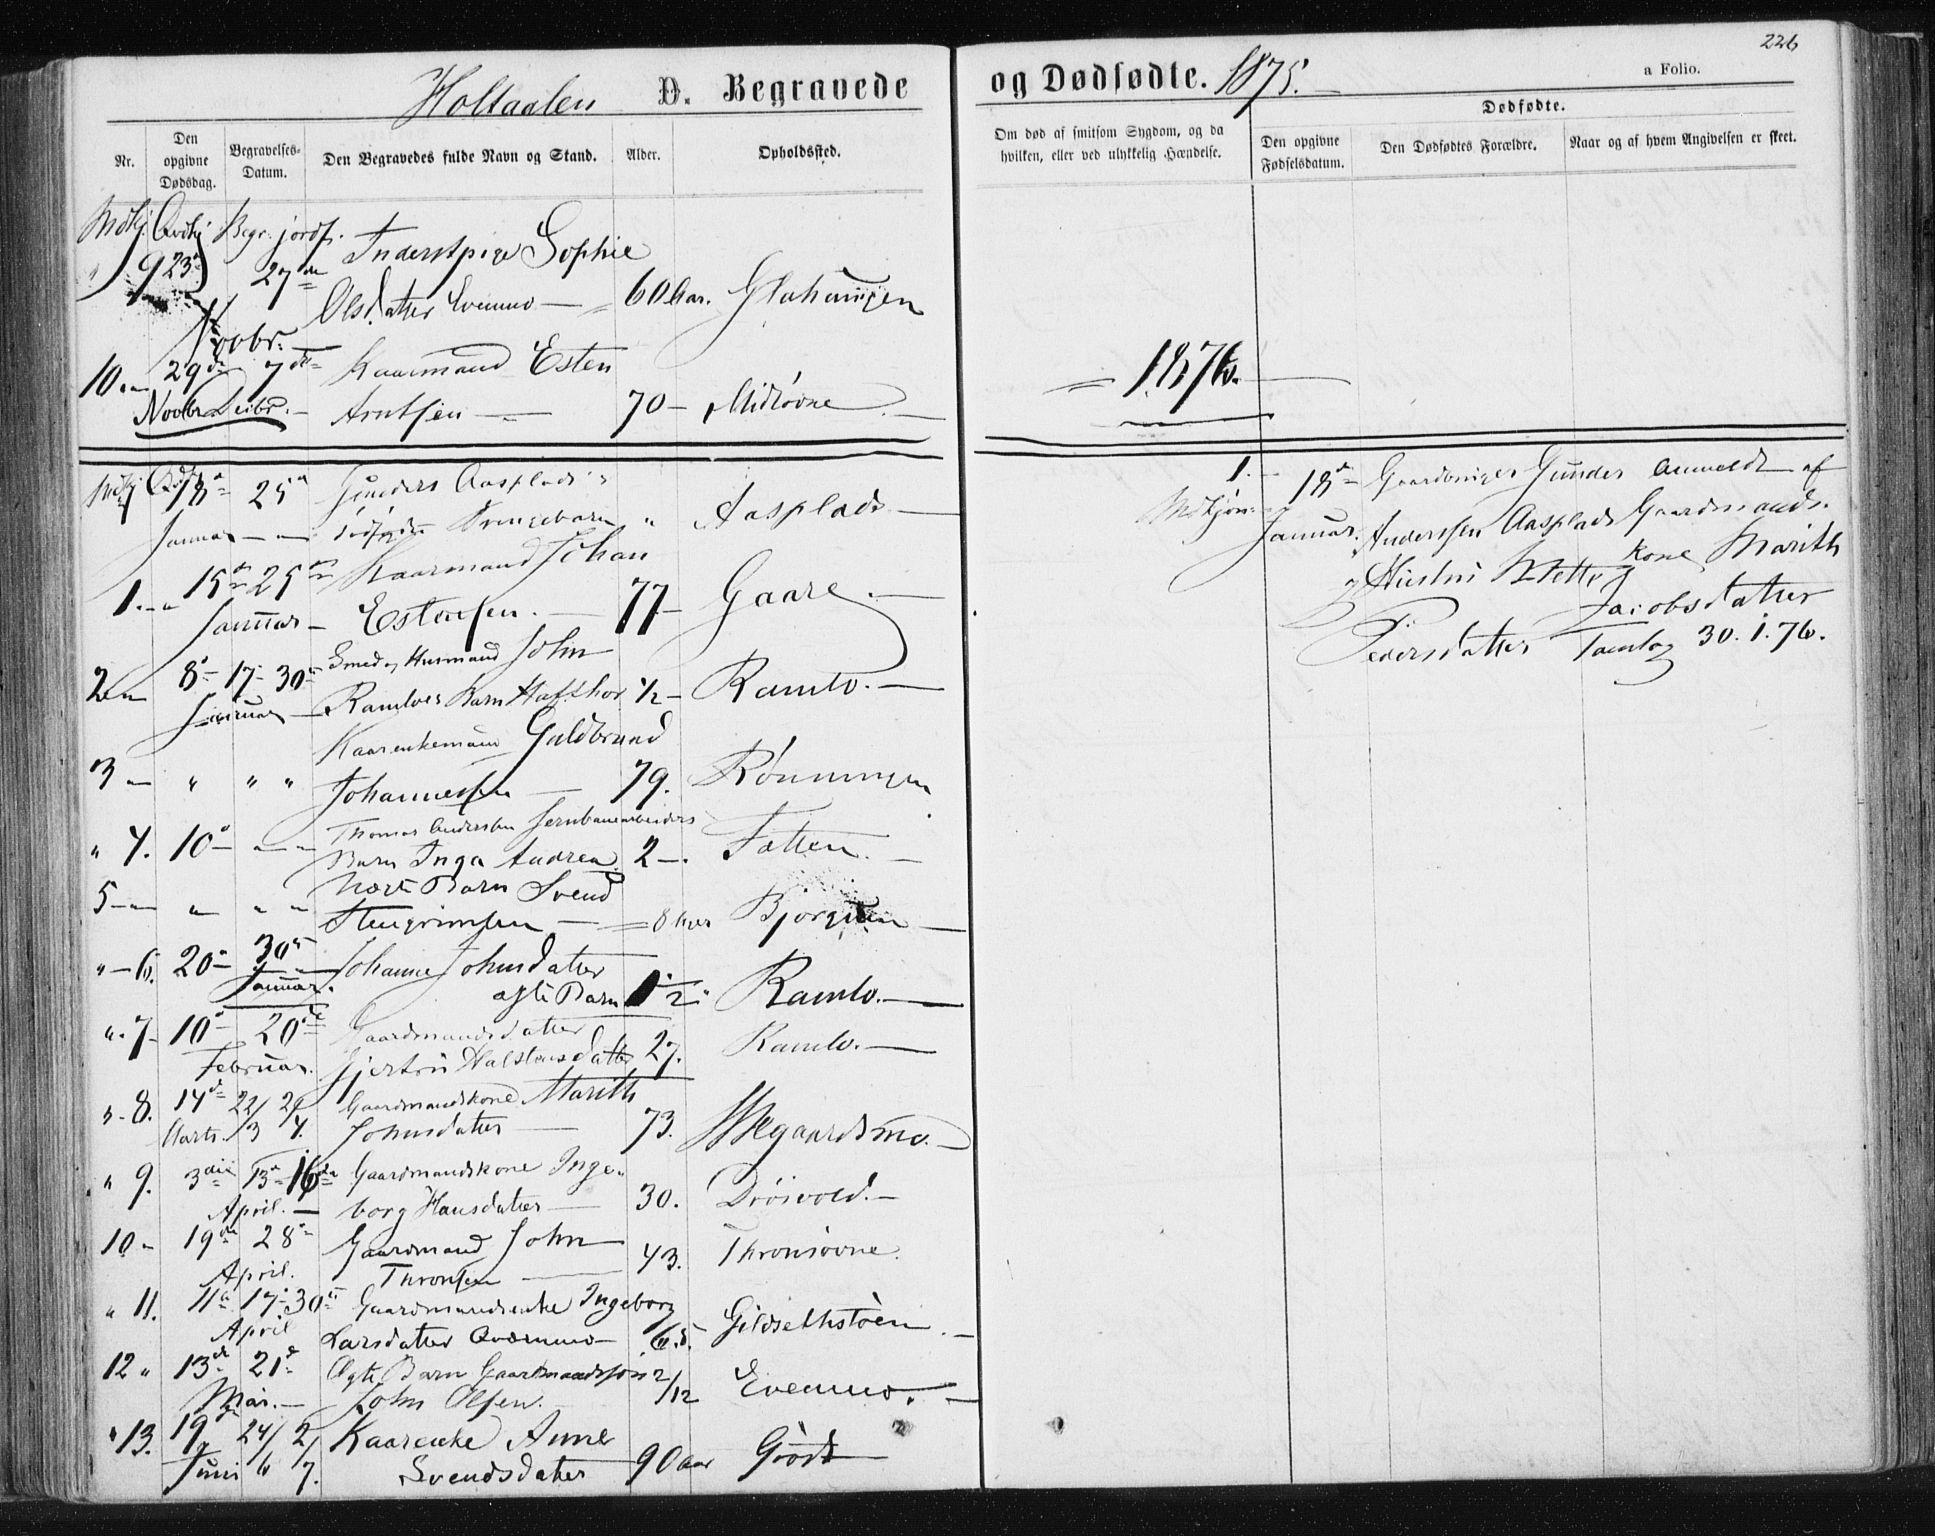 SAT, Ministerialprotokoller, klokkerbøker og fødselsregistre - Sør-Trøndelag, 685/L0969: Ministerialbok nr. 685A08 /1, 1870-1878, s. 226